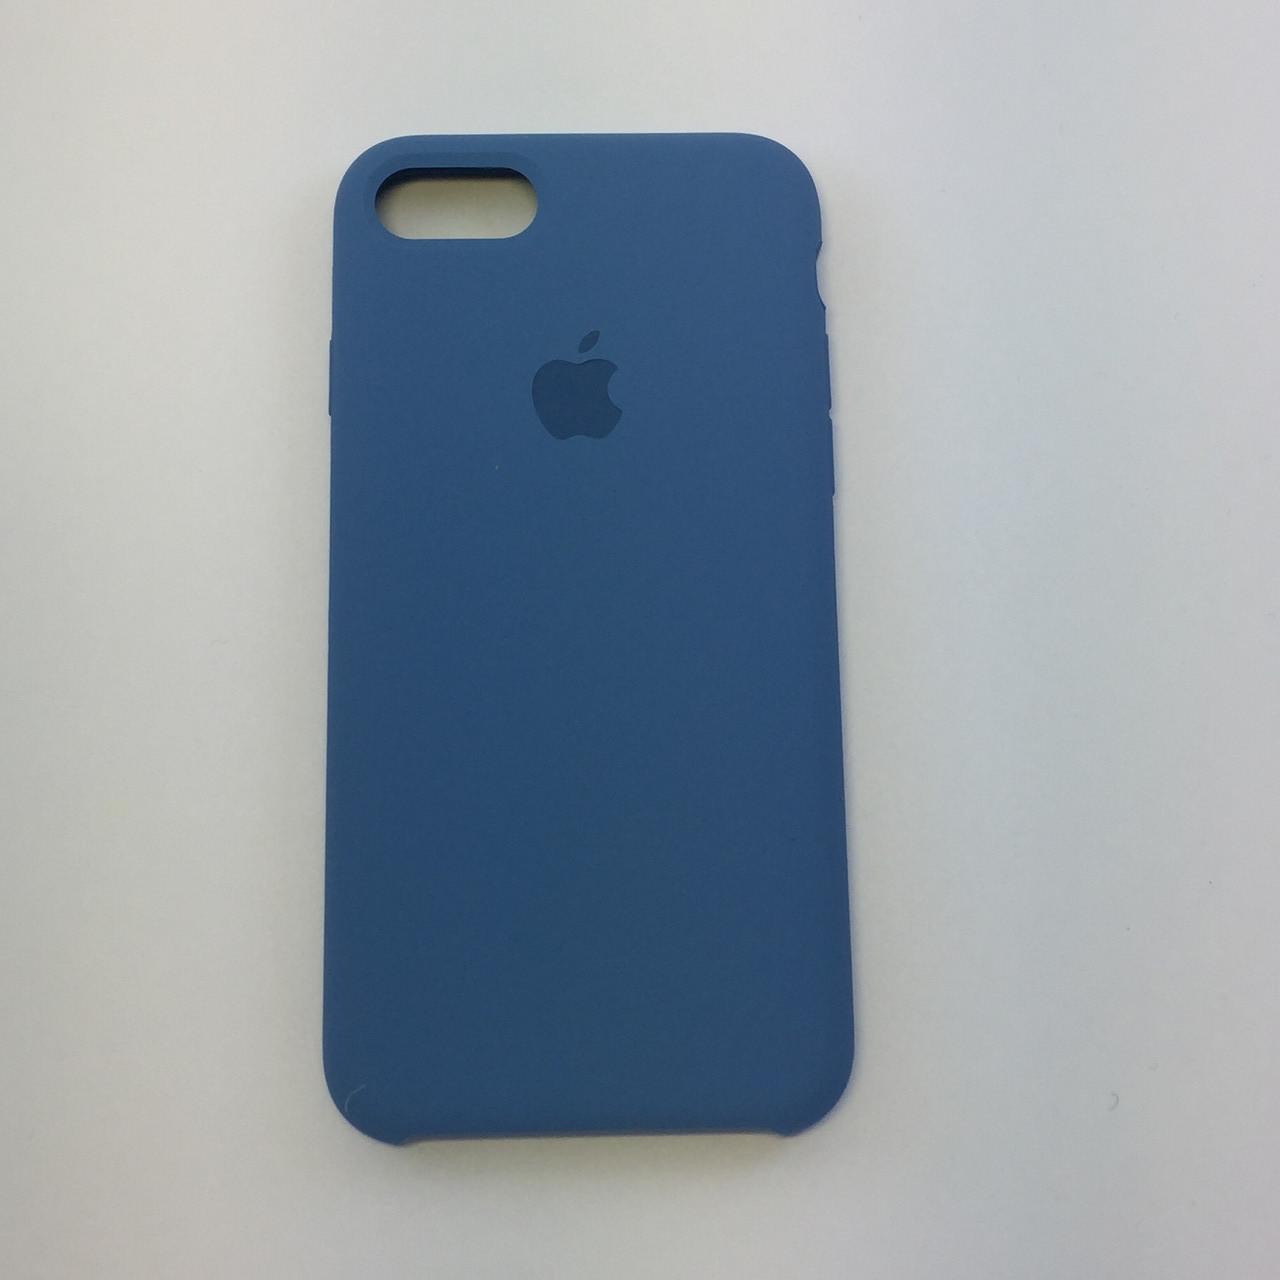 Силиконовый чехол для iPhone 7 Plus, - «лазурь» - copy original